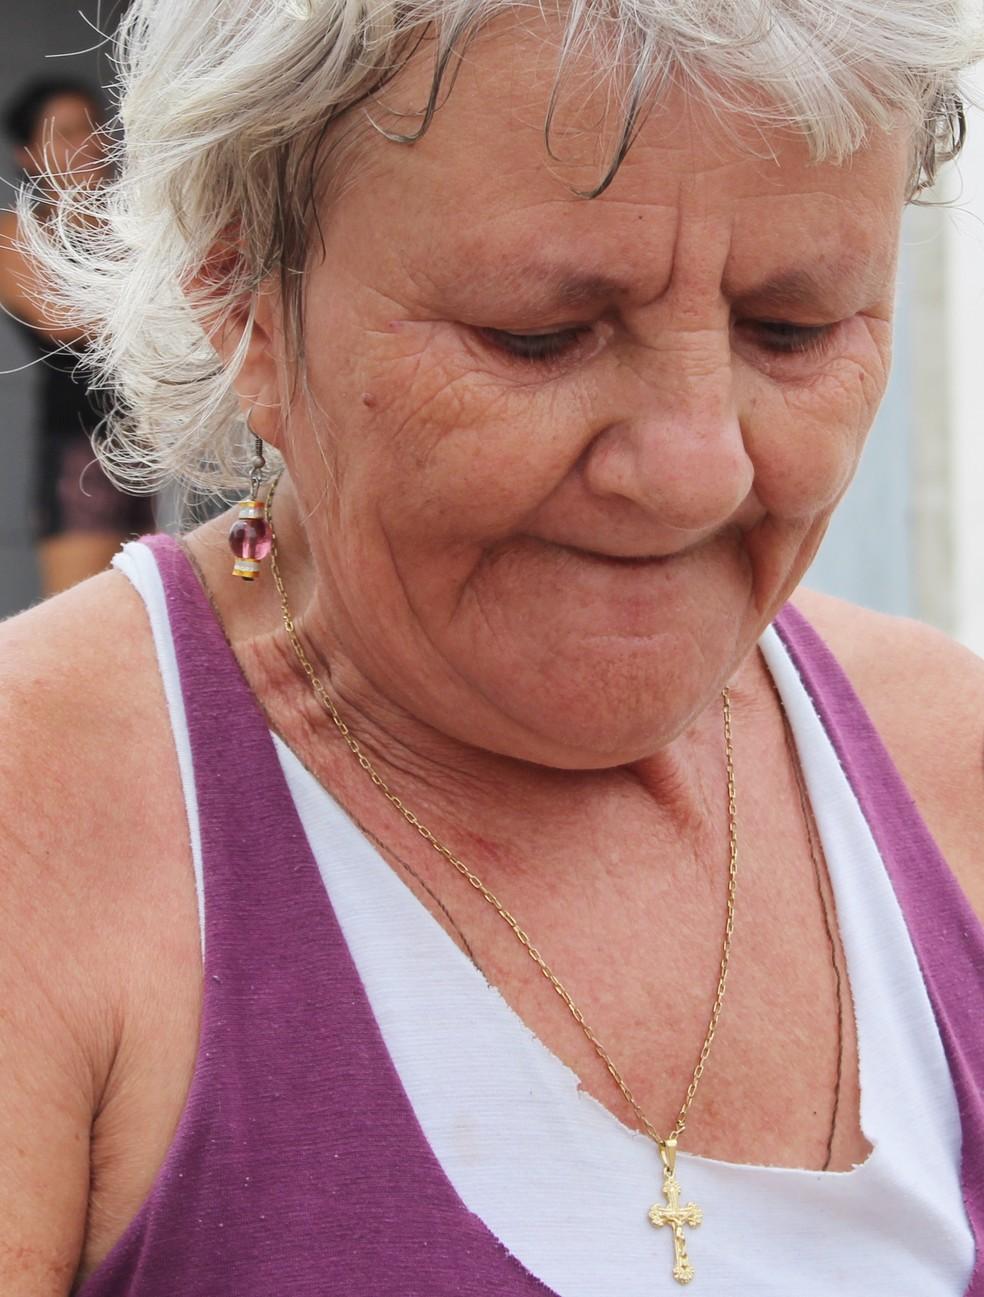 Maria Alves, agricultora, ficou emocionada ao lembrar que o fim do ano está se aproximando e ela não vai ter dinheiro para presentear a família (Foto: Anderson Barbosa/G1)